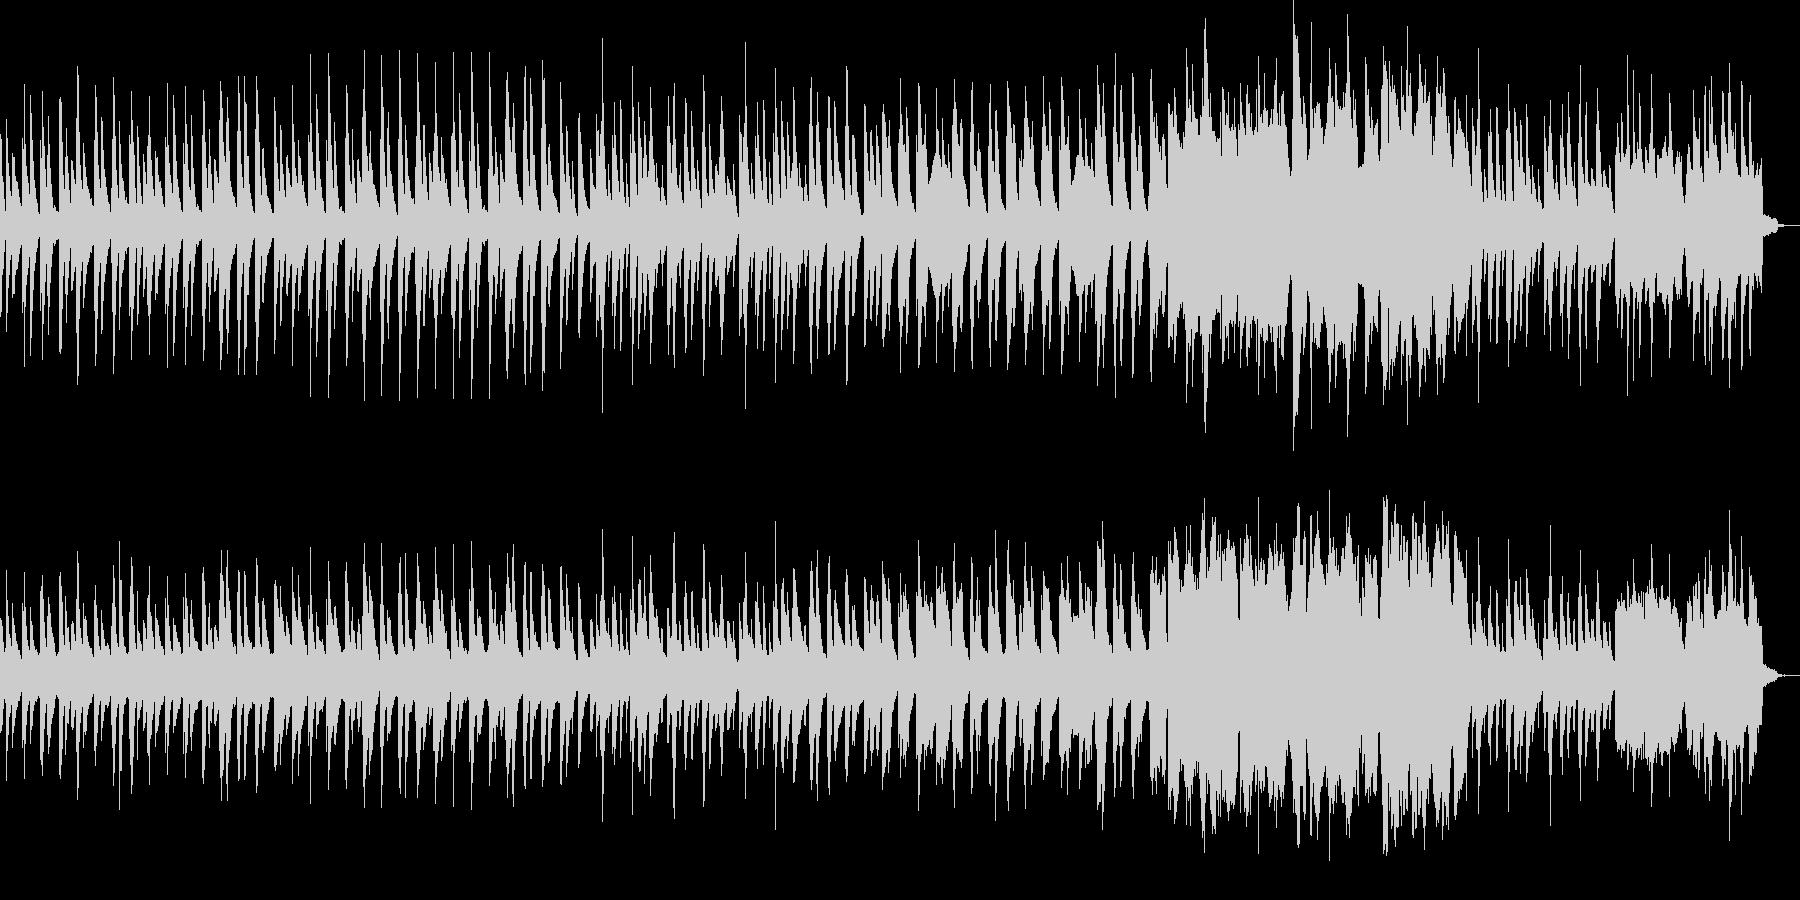 静かで切ない系のインスト曲の未再生の波形